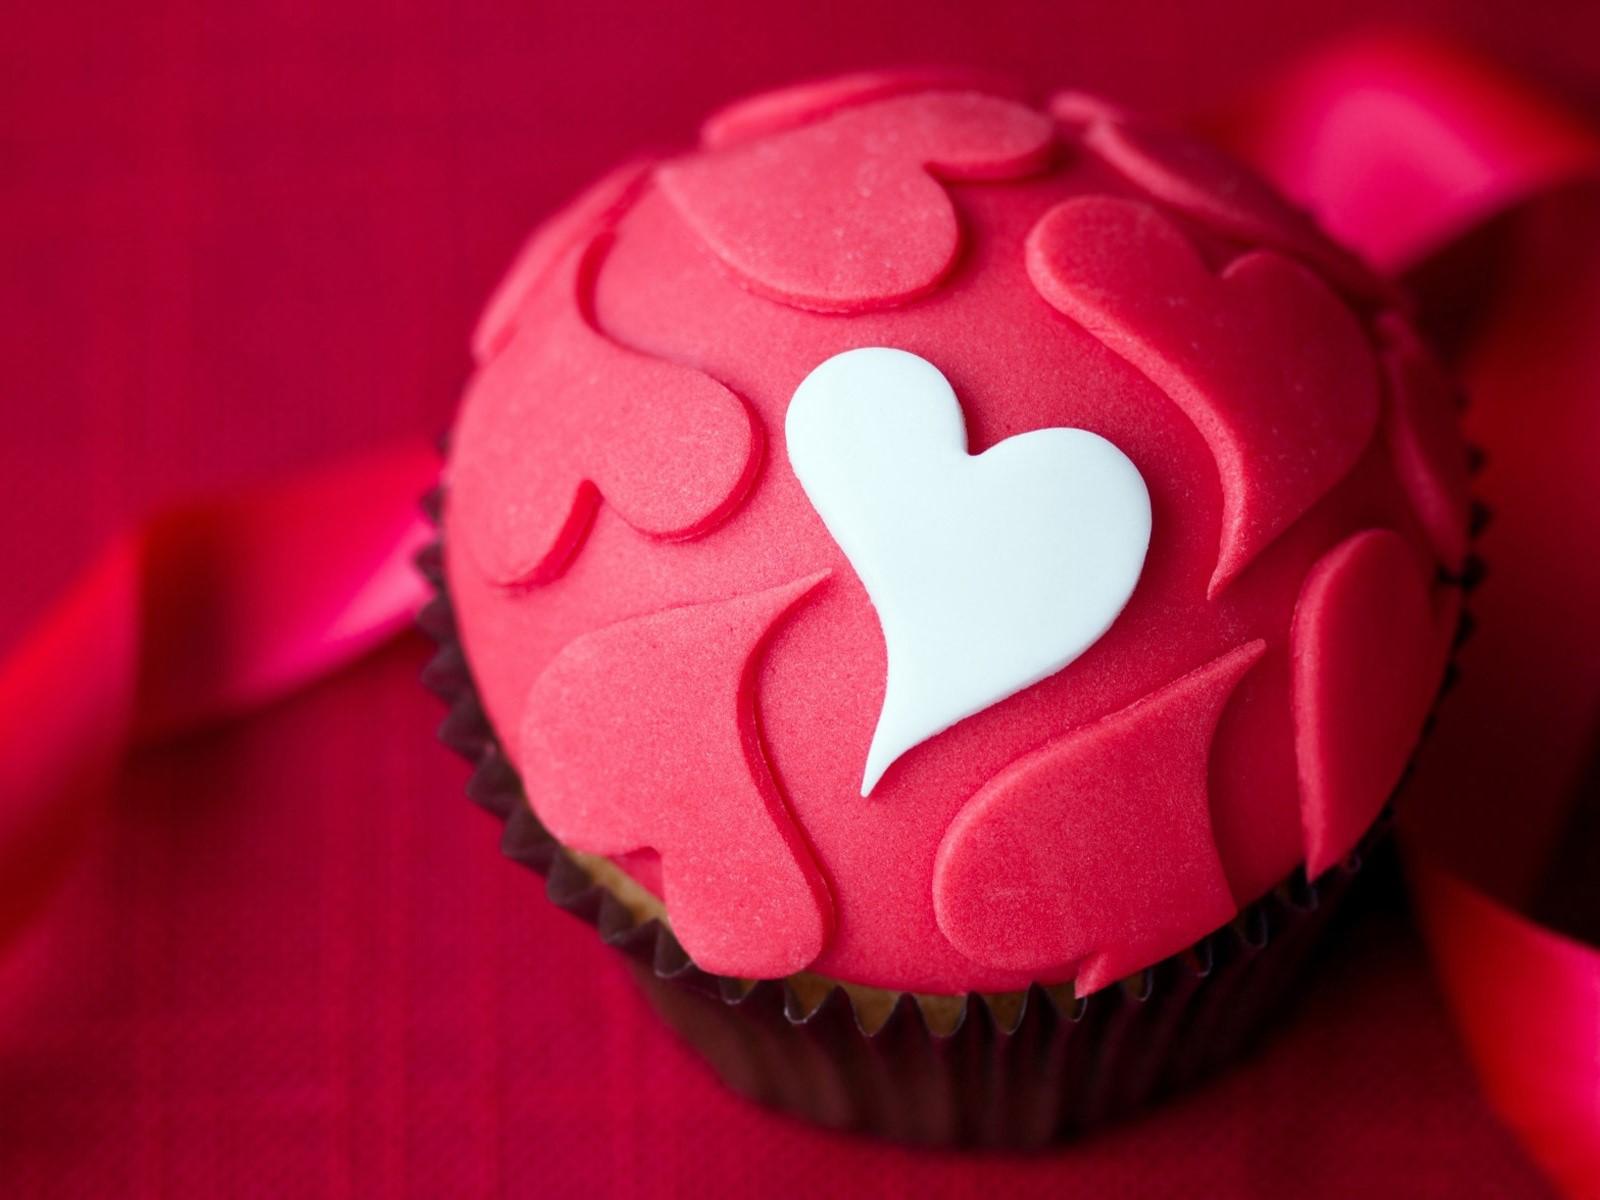 Fondos de pantalla Cupcake de corazones